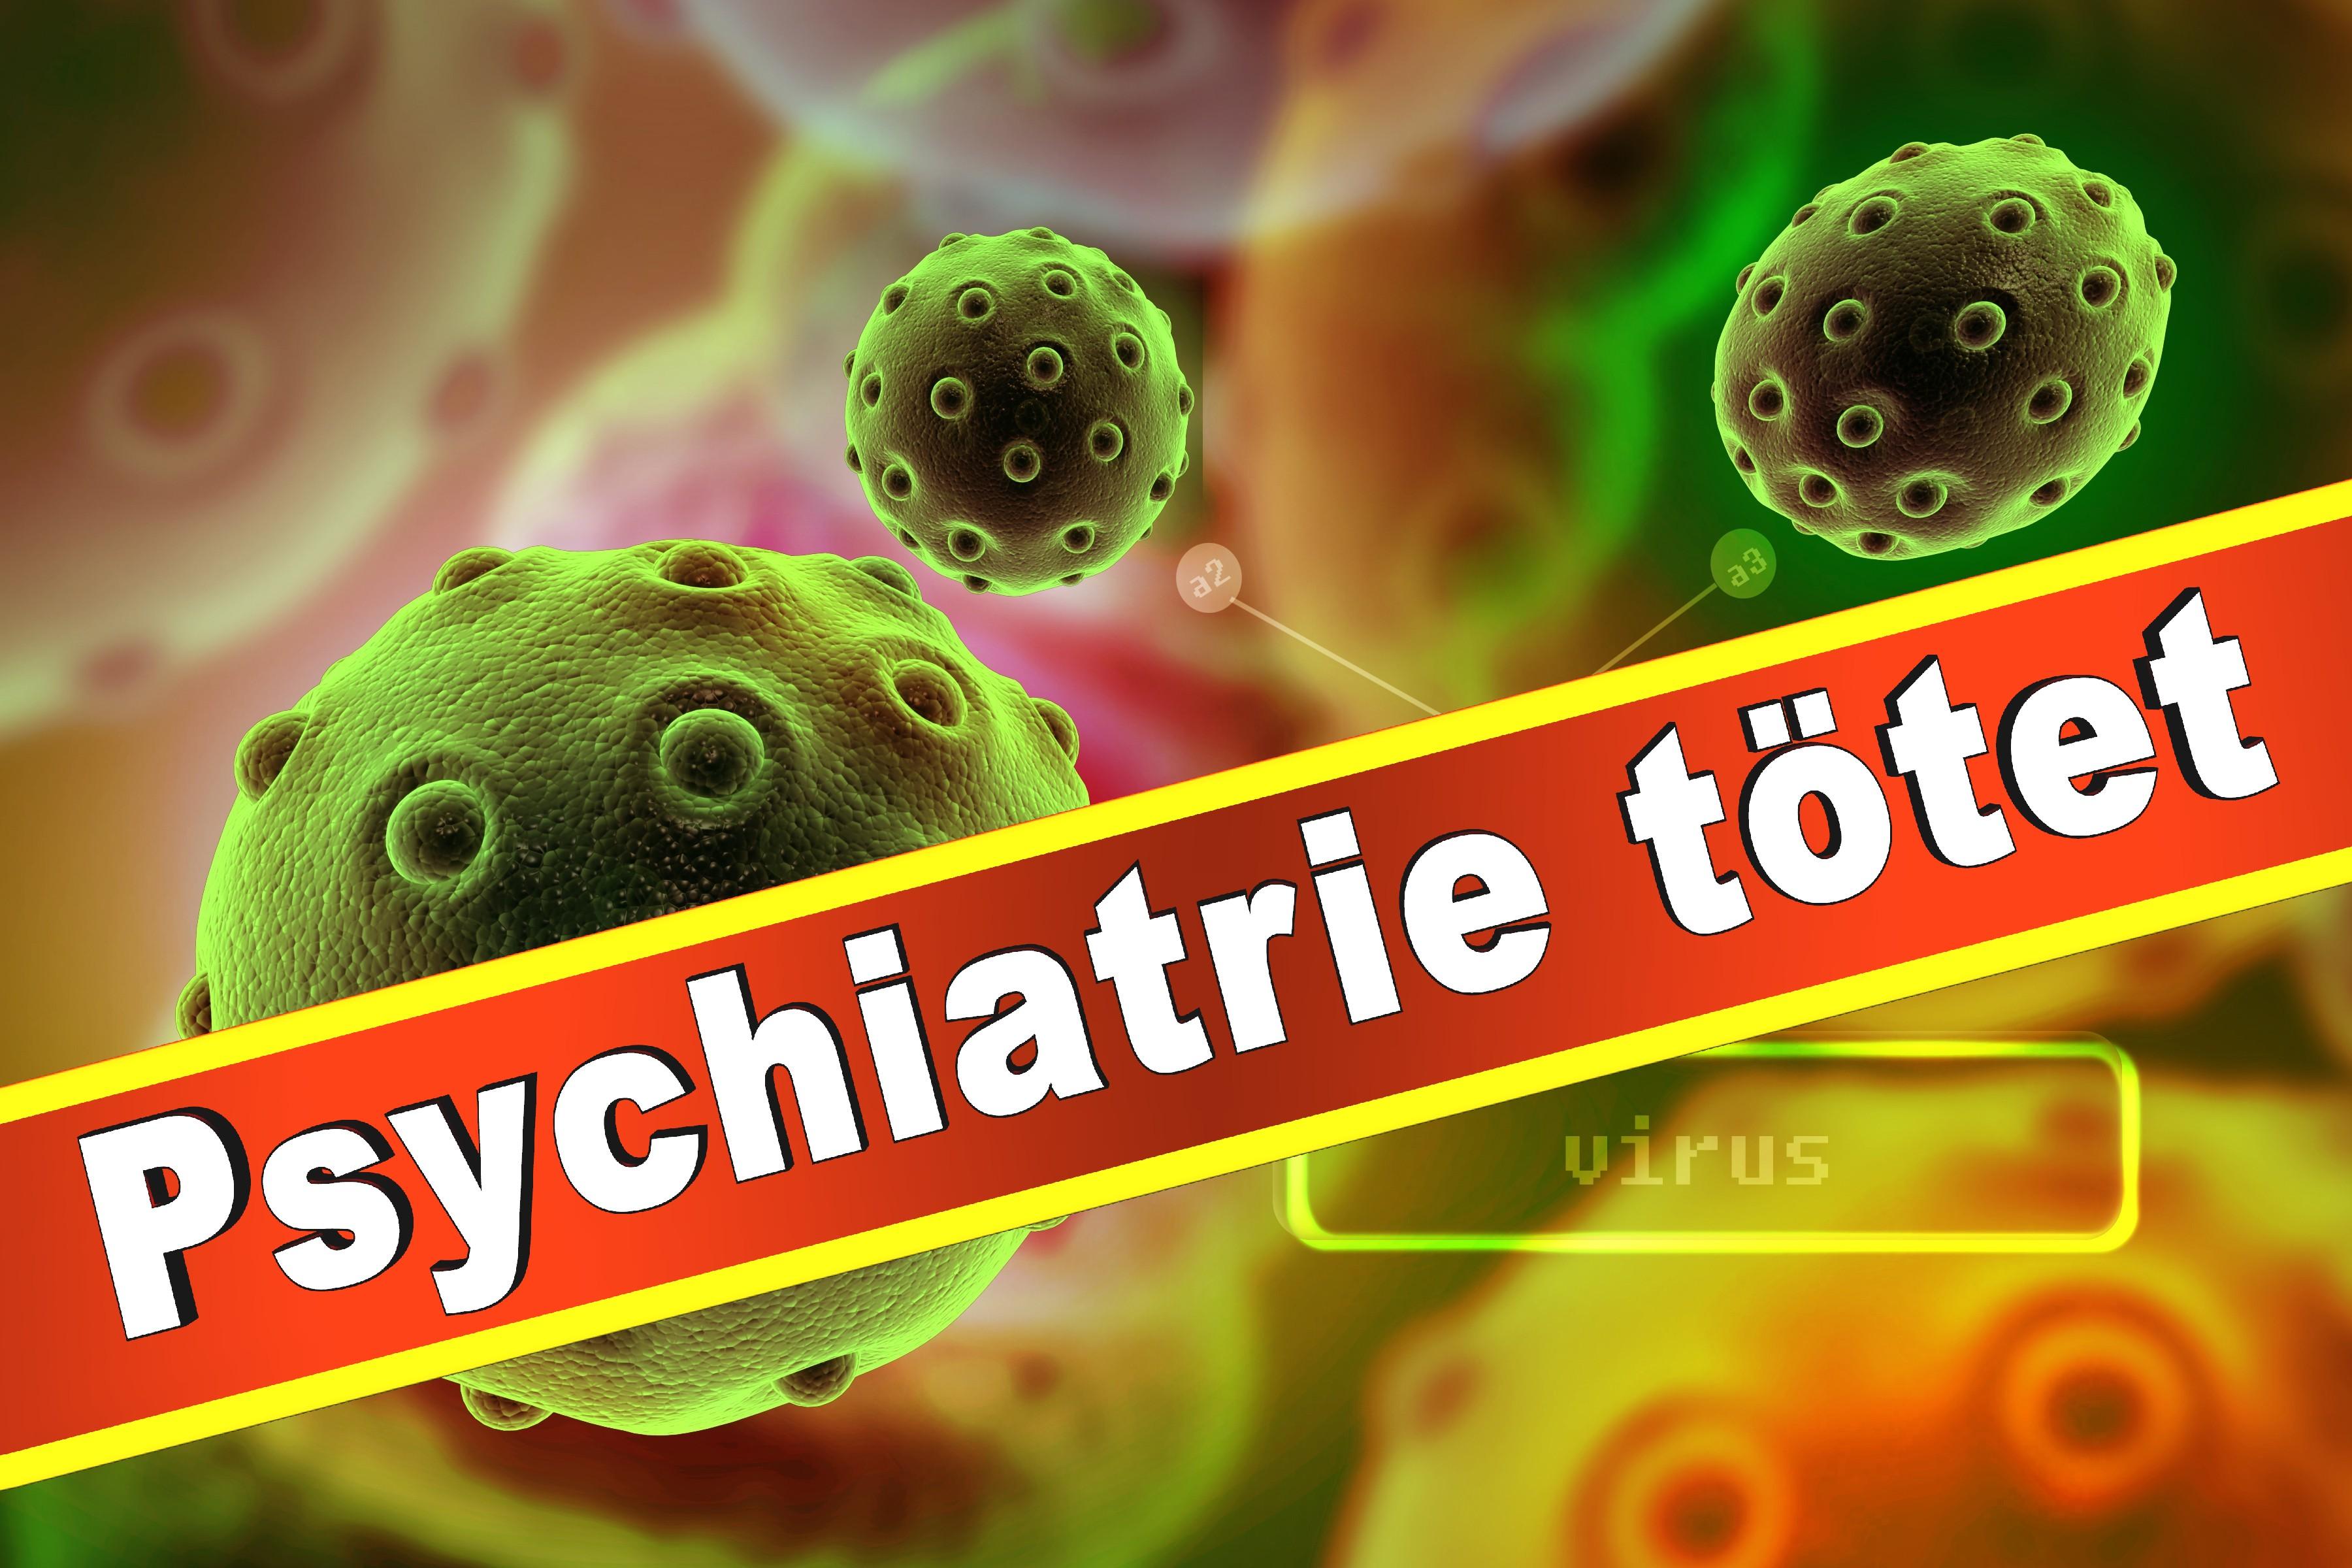 Herr Steffen Burghardt Psychotherapeut Hannover Gutachten Psychiater Facharzt Psychiatrie